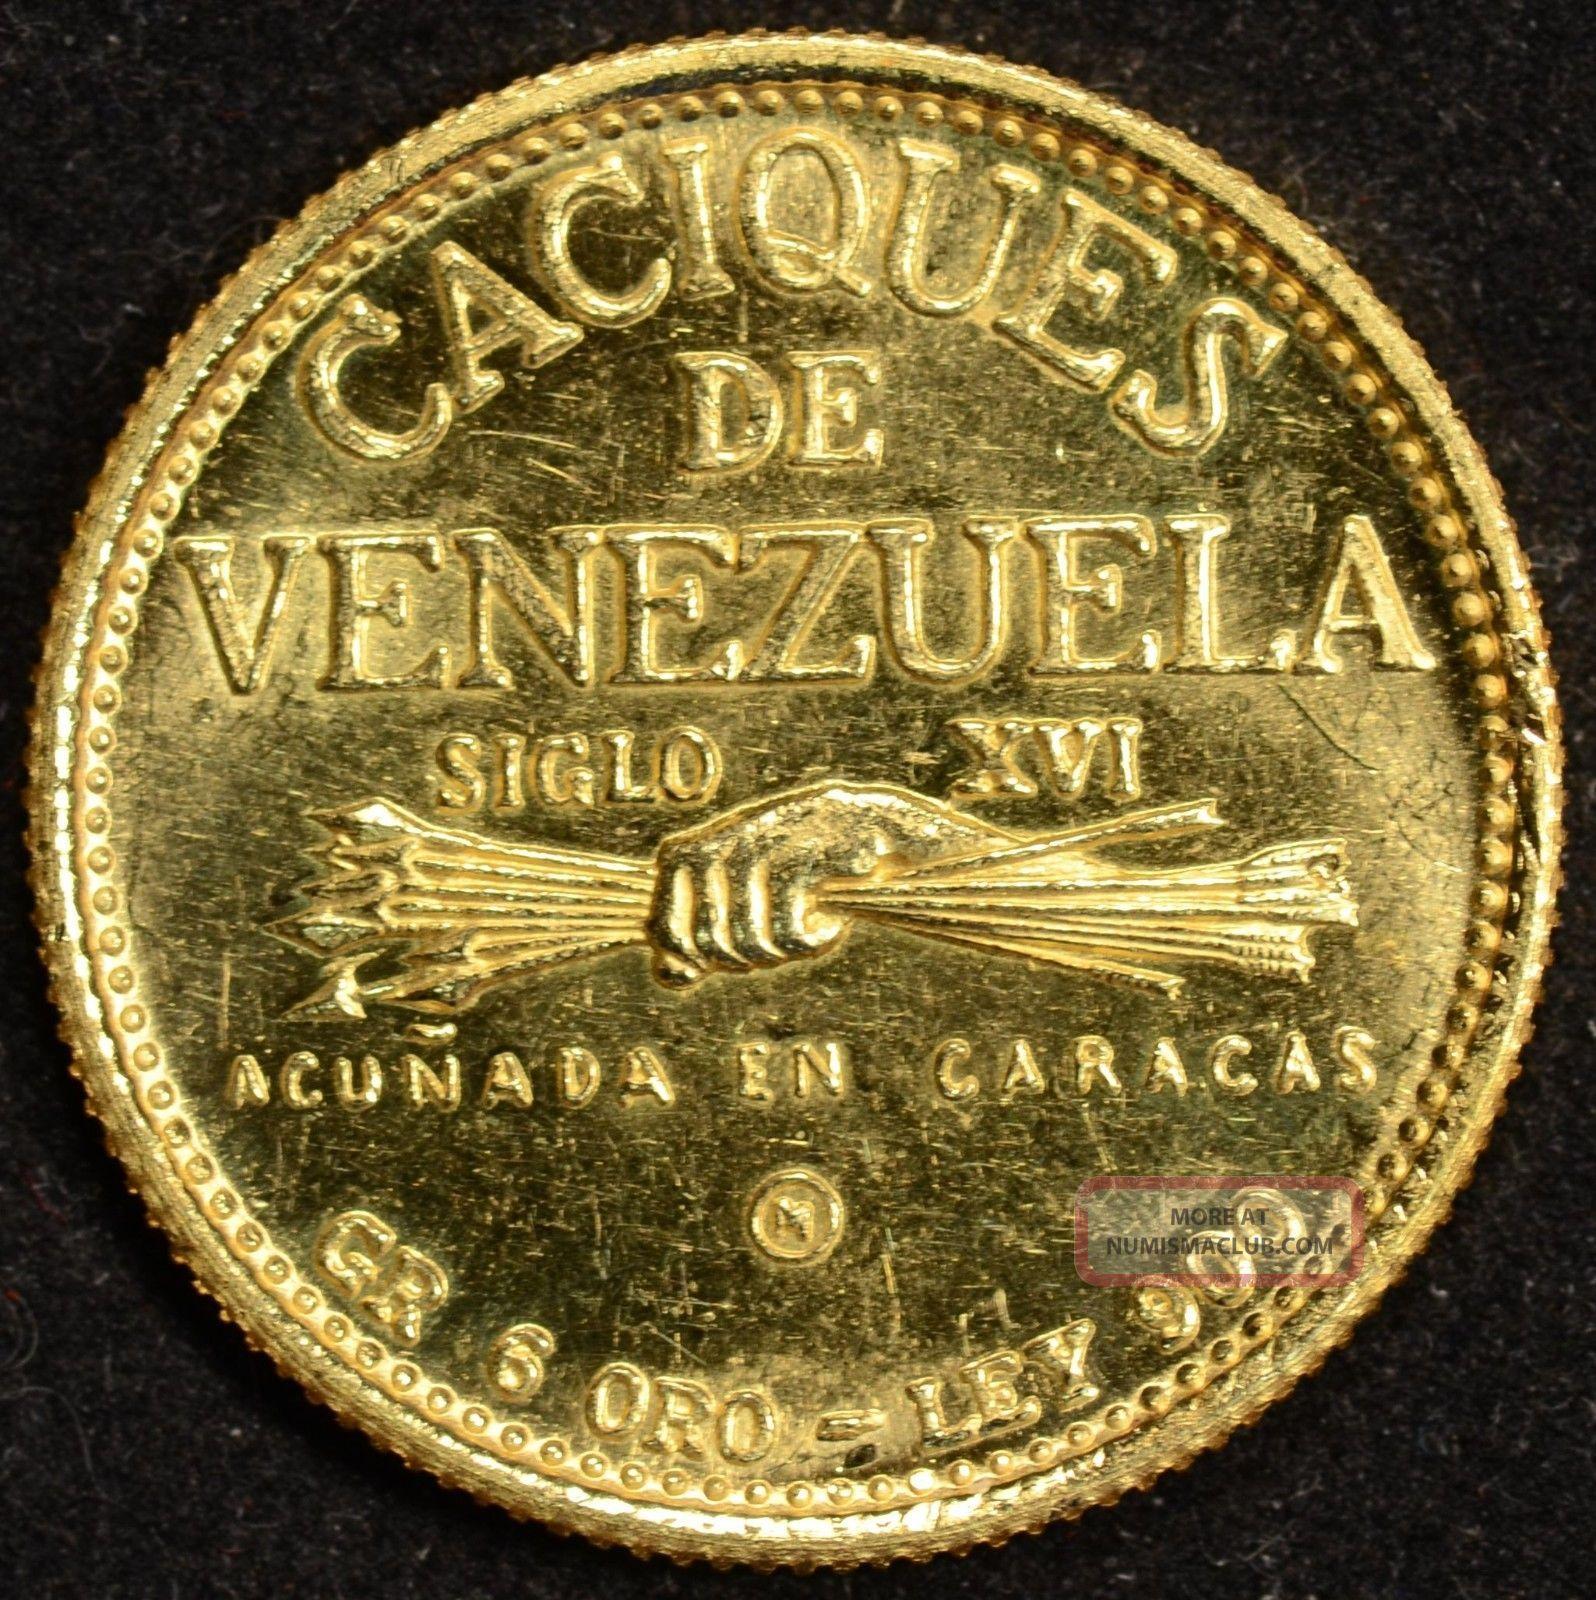 1955 1960 Venezuela Cacique Tamanaco Gold Coin 1736 Oz Of Gold Very Creepy